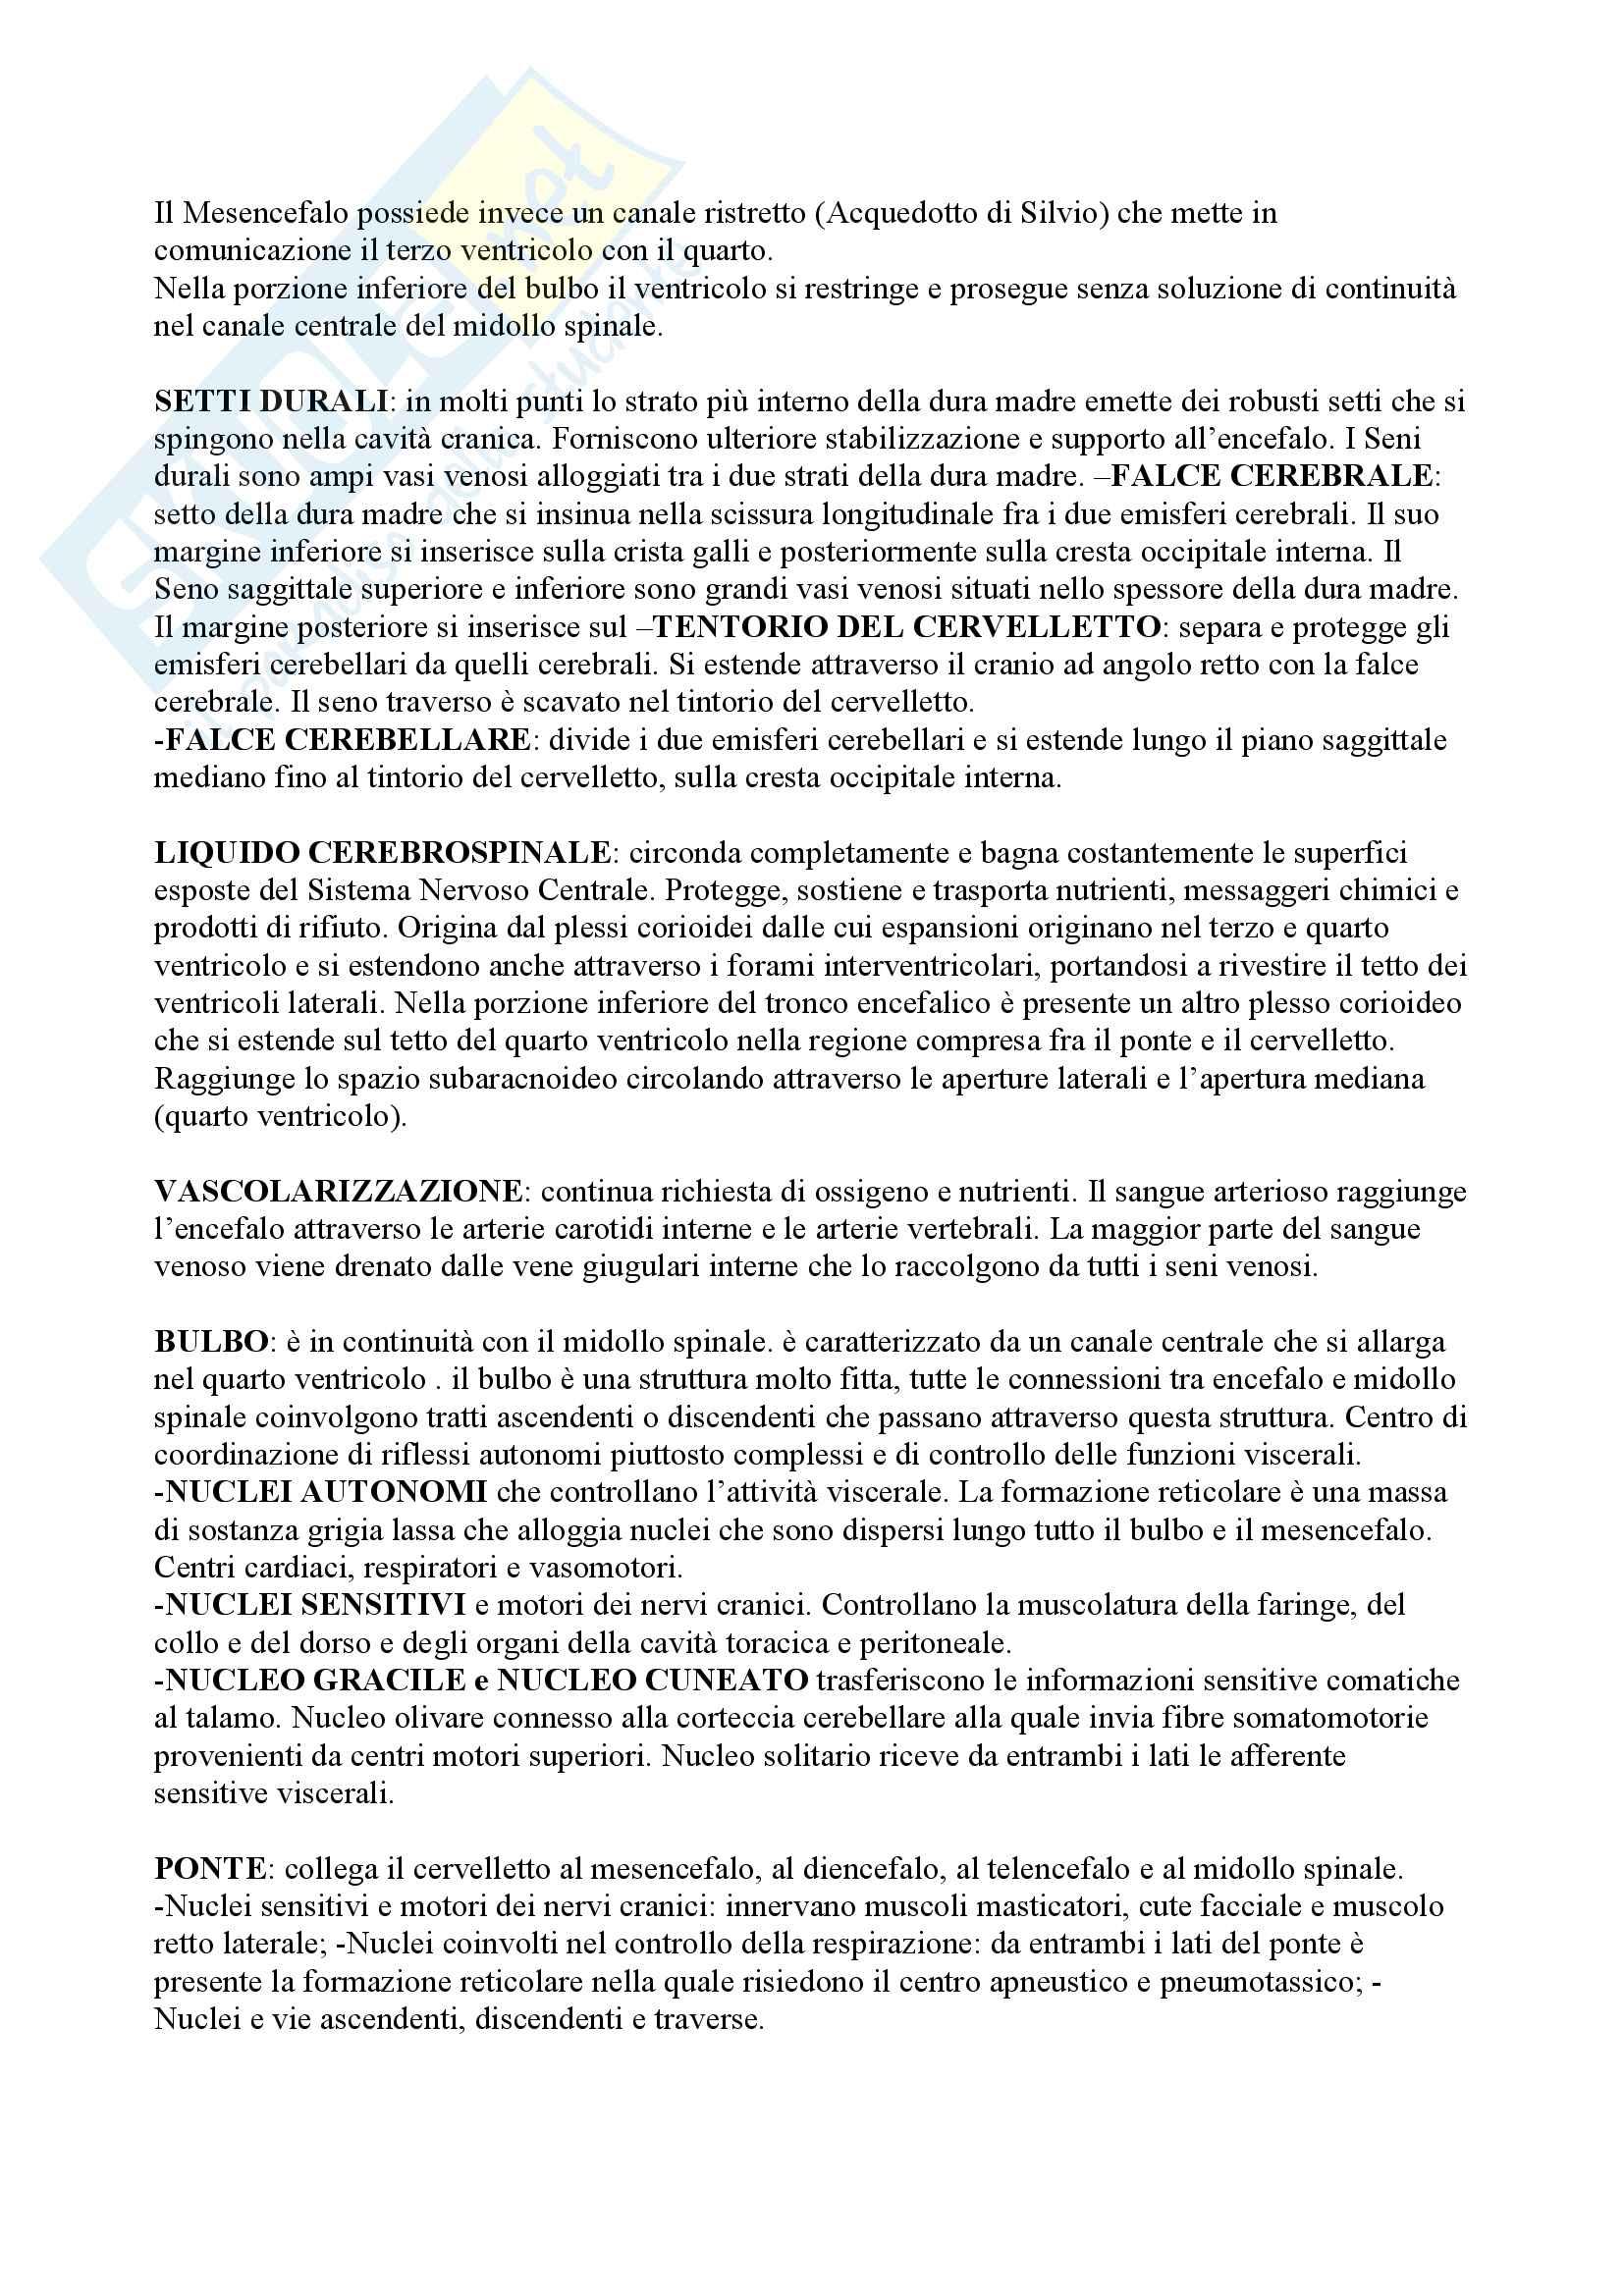 Riassunti Anatomia per Professioni Sanitarie Pag. 6